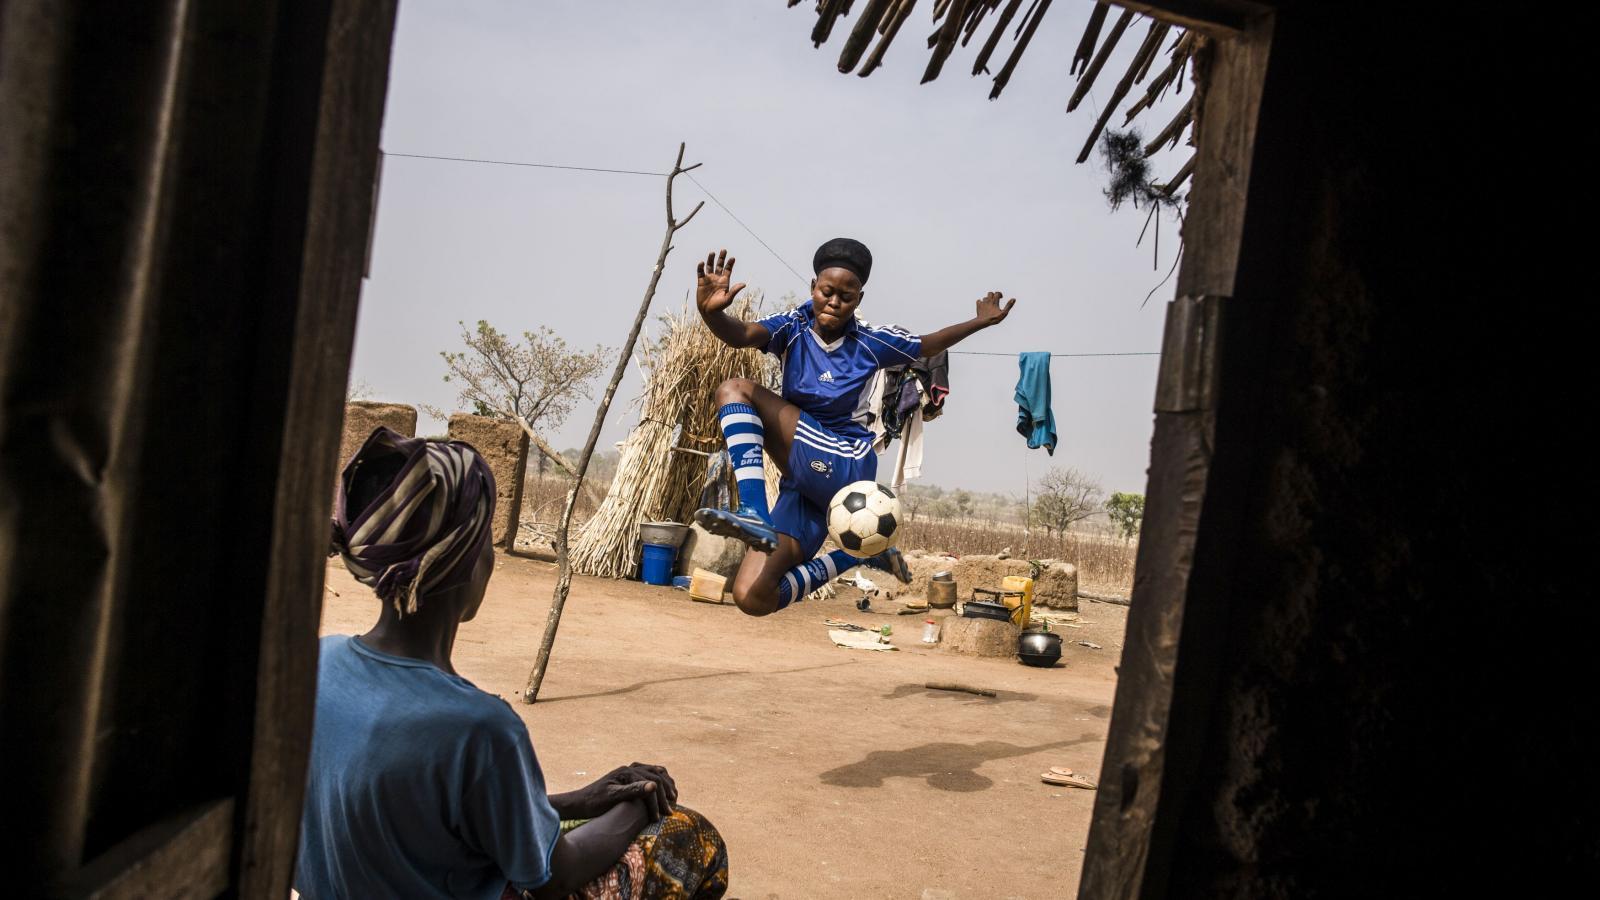 Vítězná fotografie PHOTO OF THE YEAR a GENERAL NEWS: Straight Voice. Mladý muž ve světle mobilních telefonů recituje na protest báseň během blackoutu v súdánském Chartúmu. Demonstranti kolem něj skandují hesla volající po civilní vládě